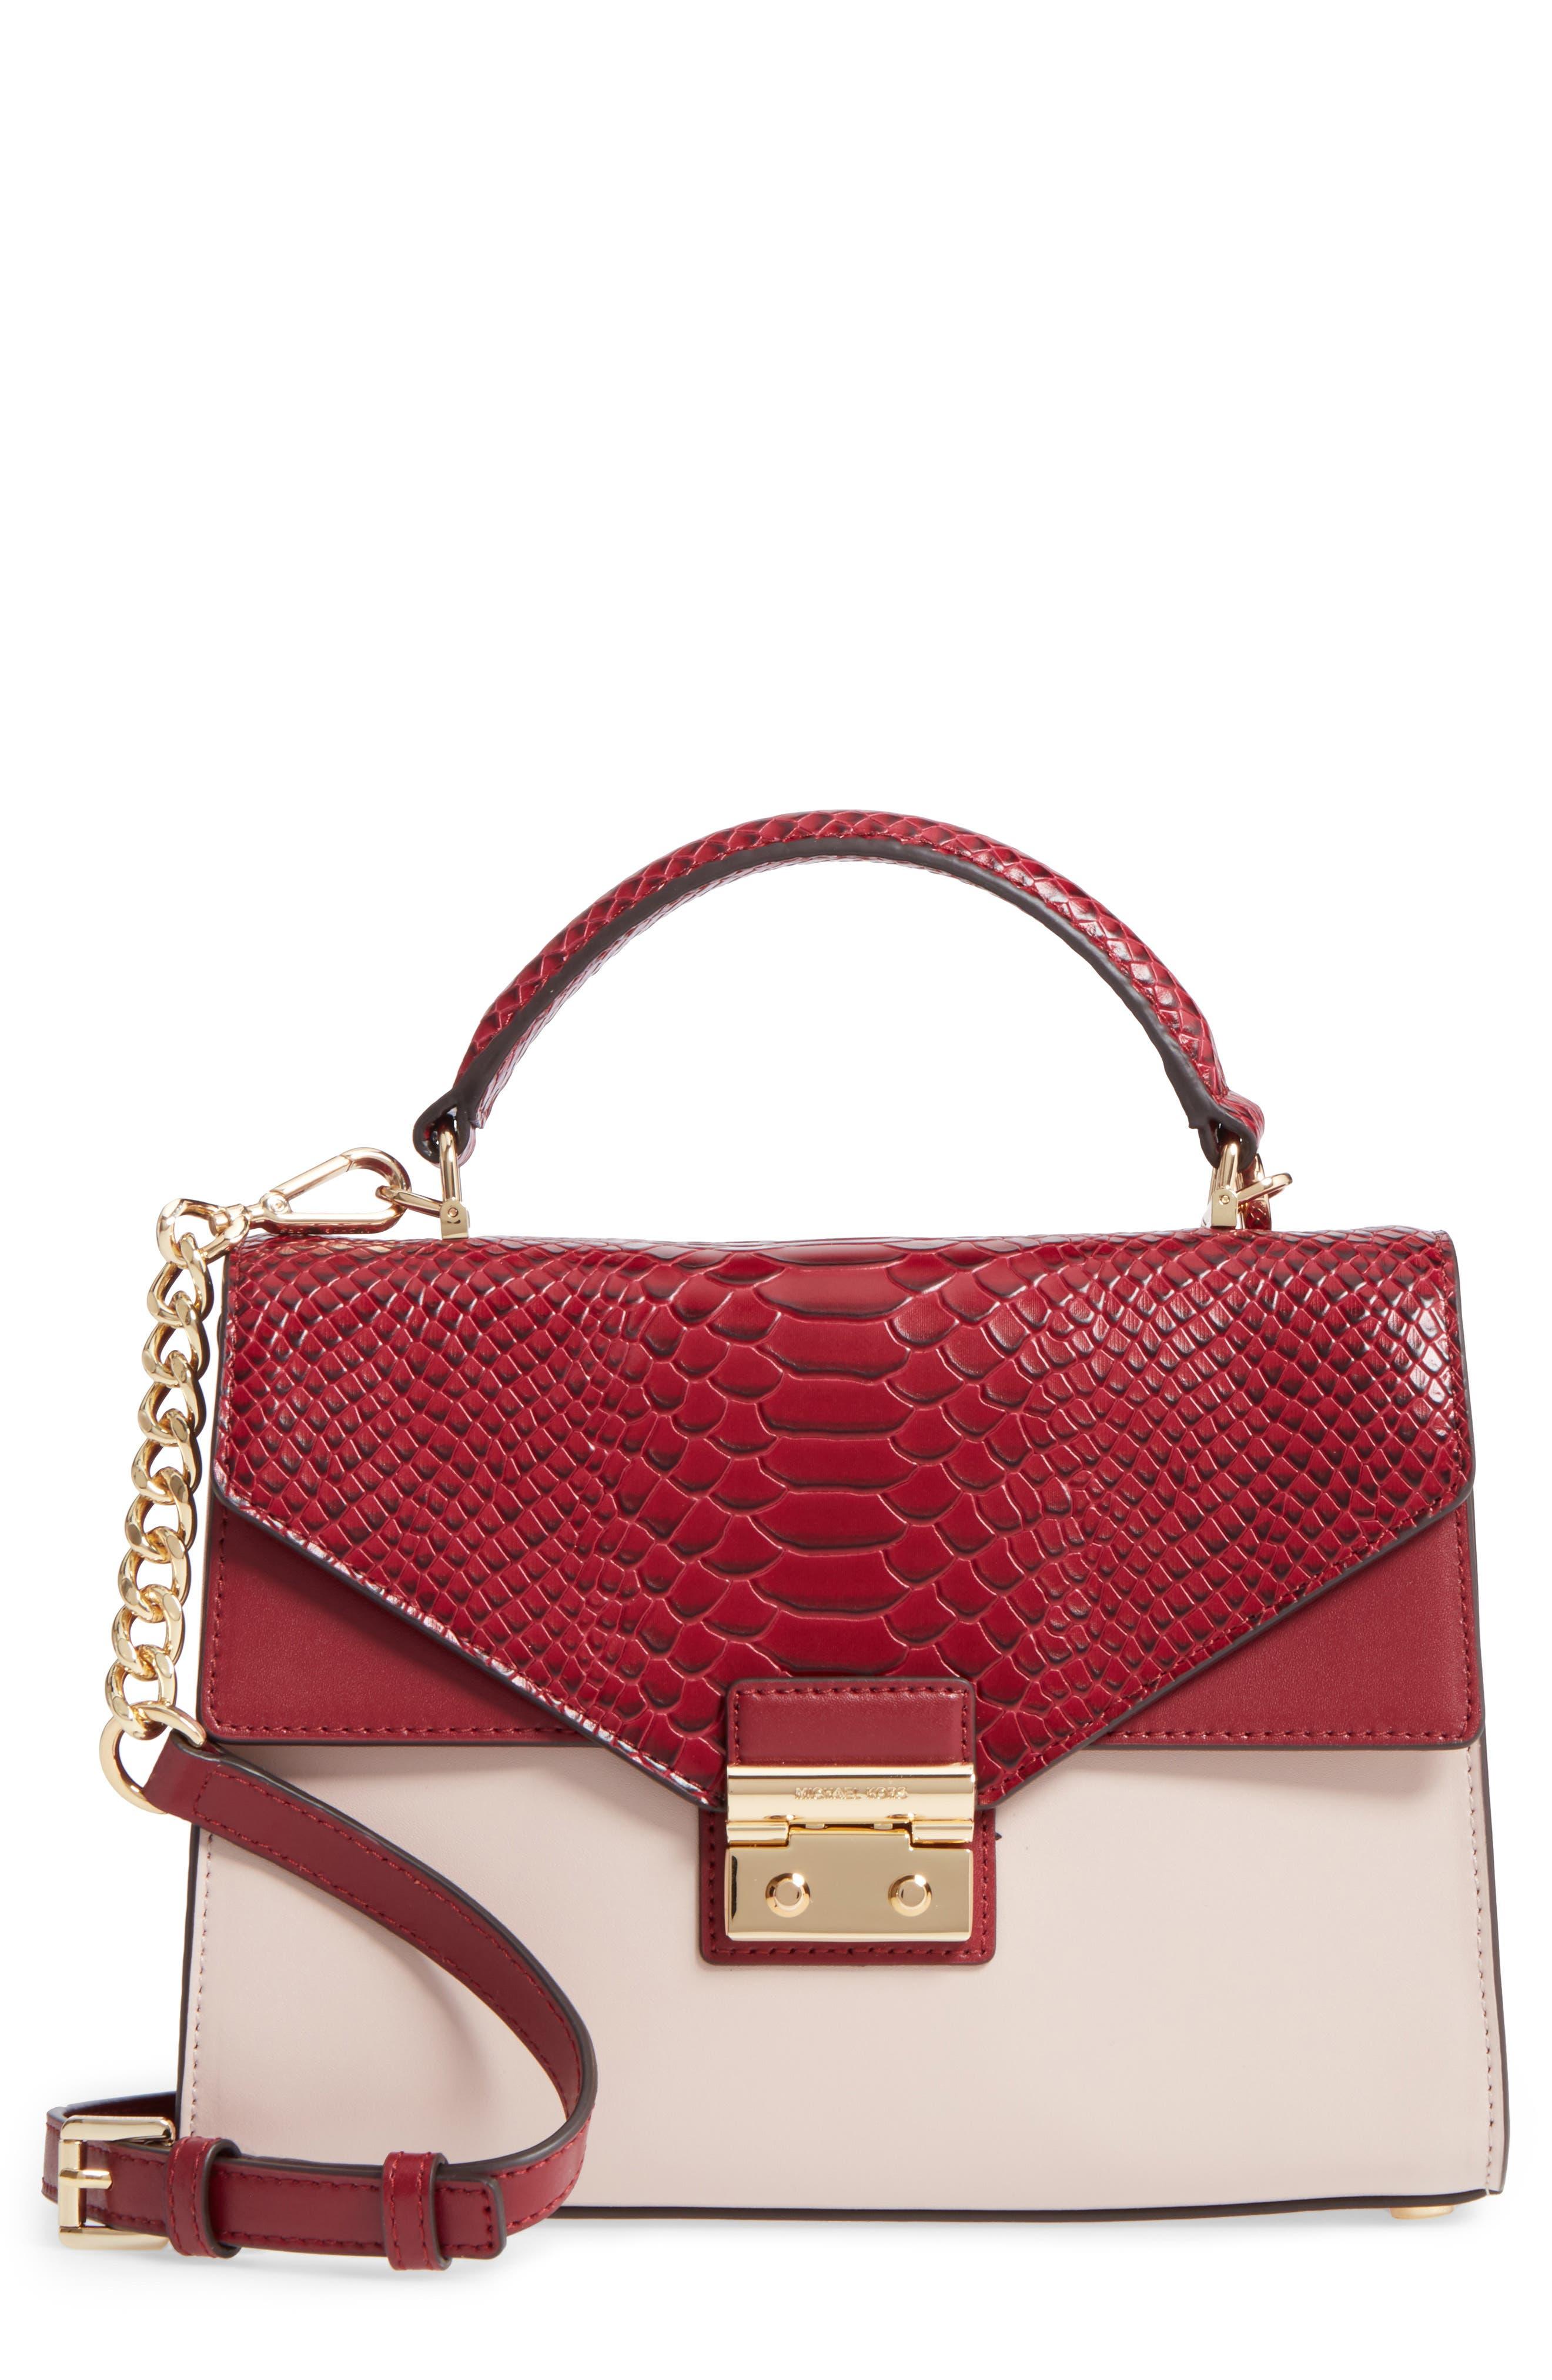 Main Image - MICHAEL Michael Kors Medium Sloan Leather Shoulder Bag